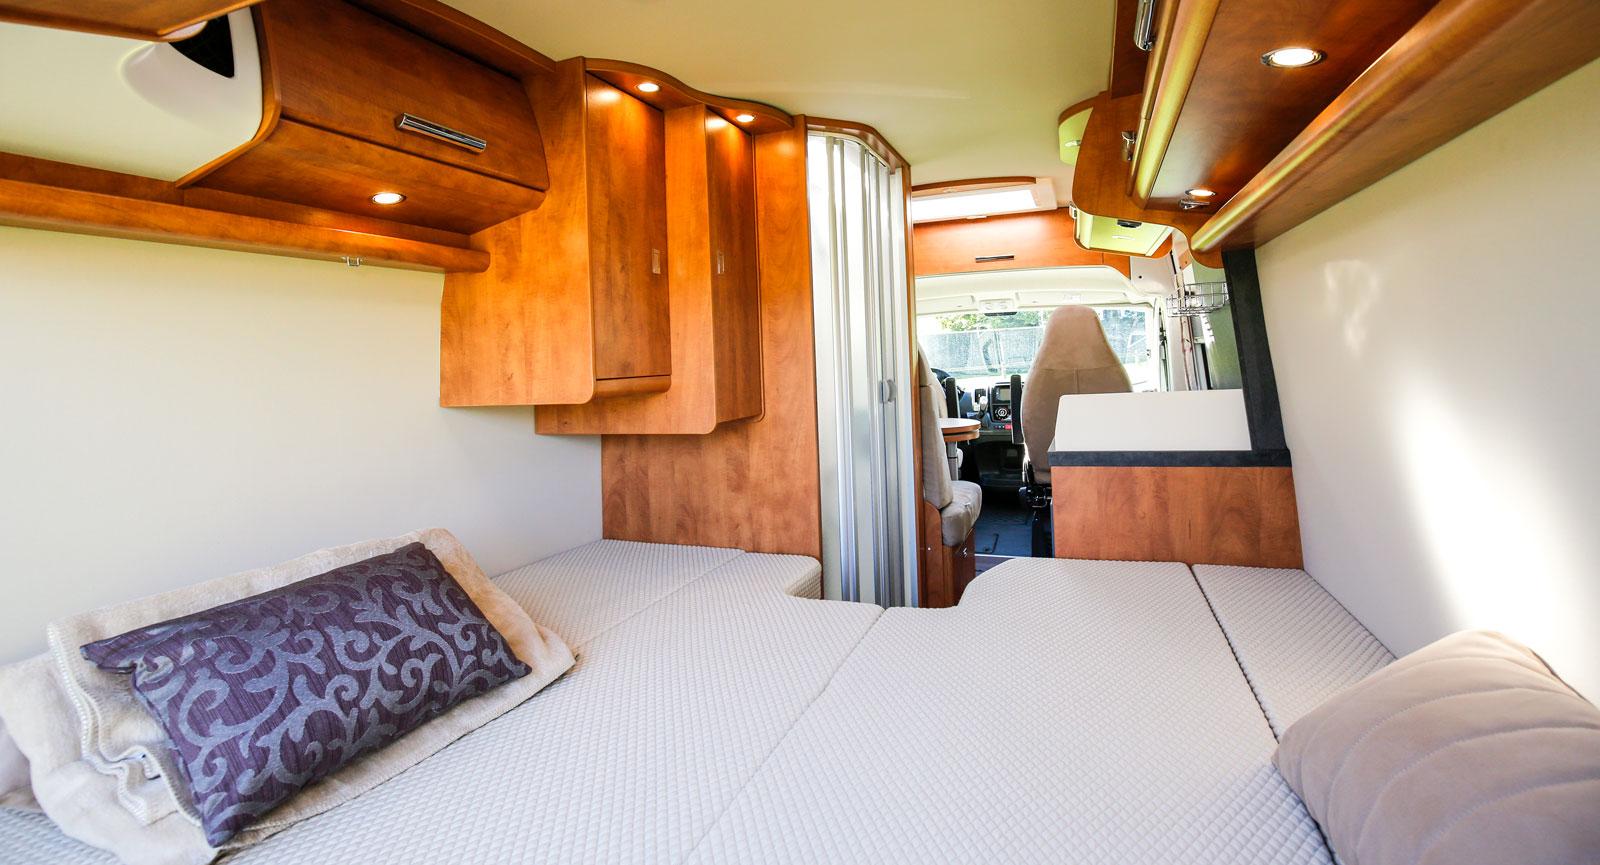 Enkelsängarna är sammanbundna vilket får sängen att uppfattas som en stor dubbelsäng.  Liggkomforten är utmärkt.